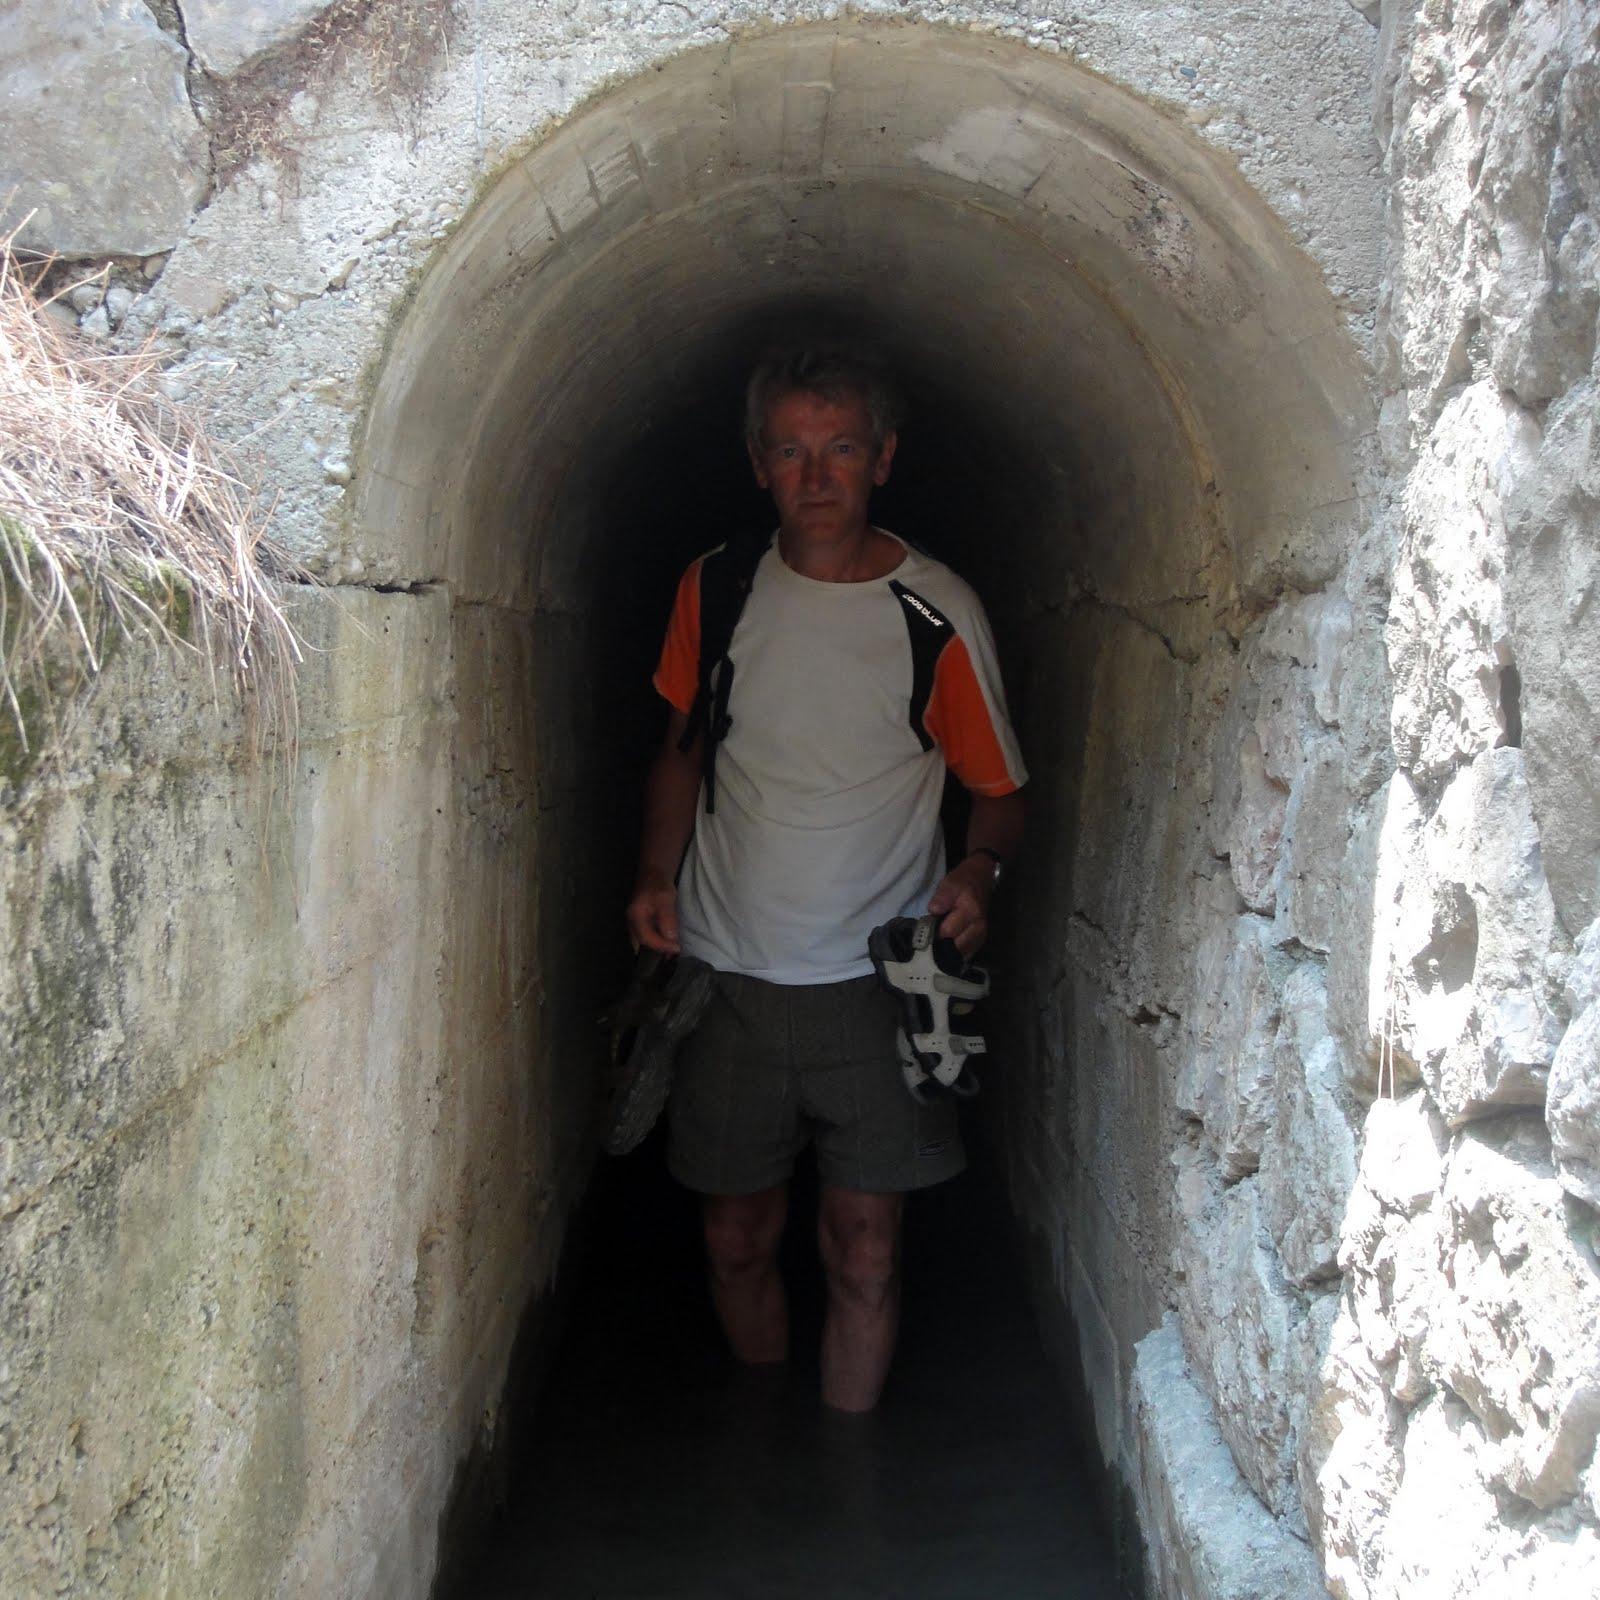 eind van de tunnel